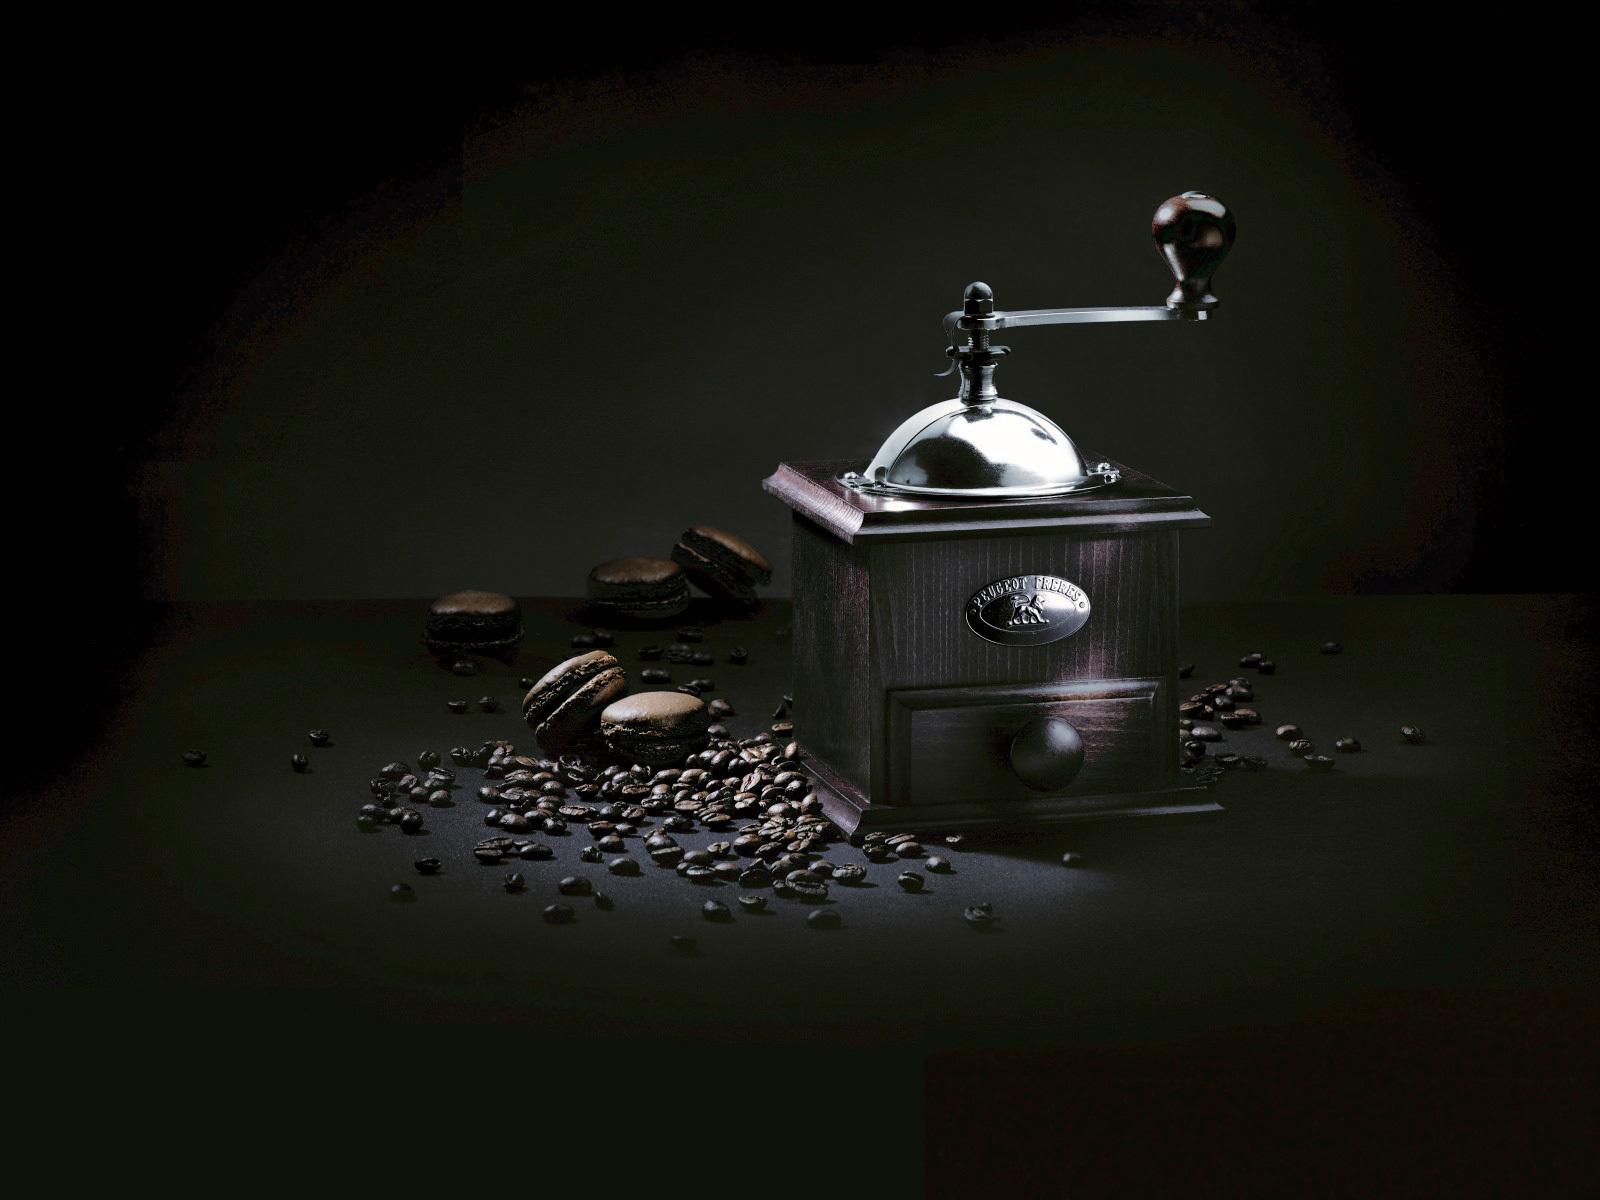 Мельница для кофе Nostalgie Peugeot